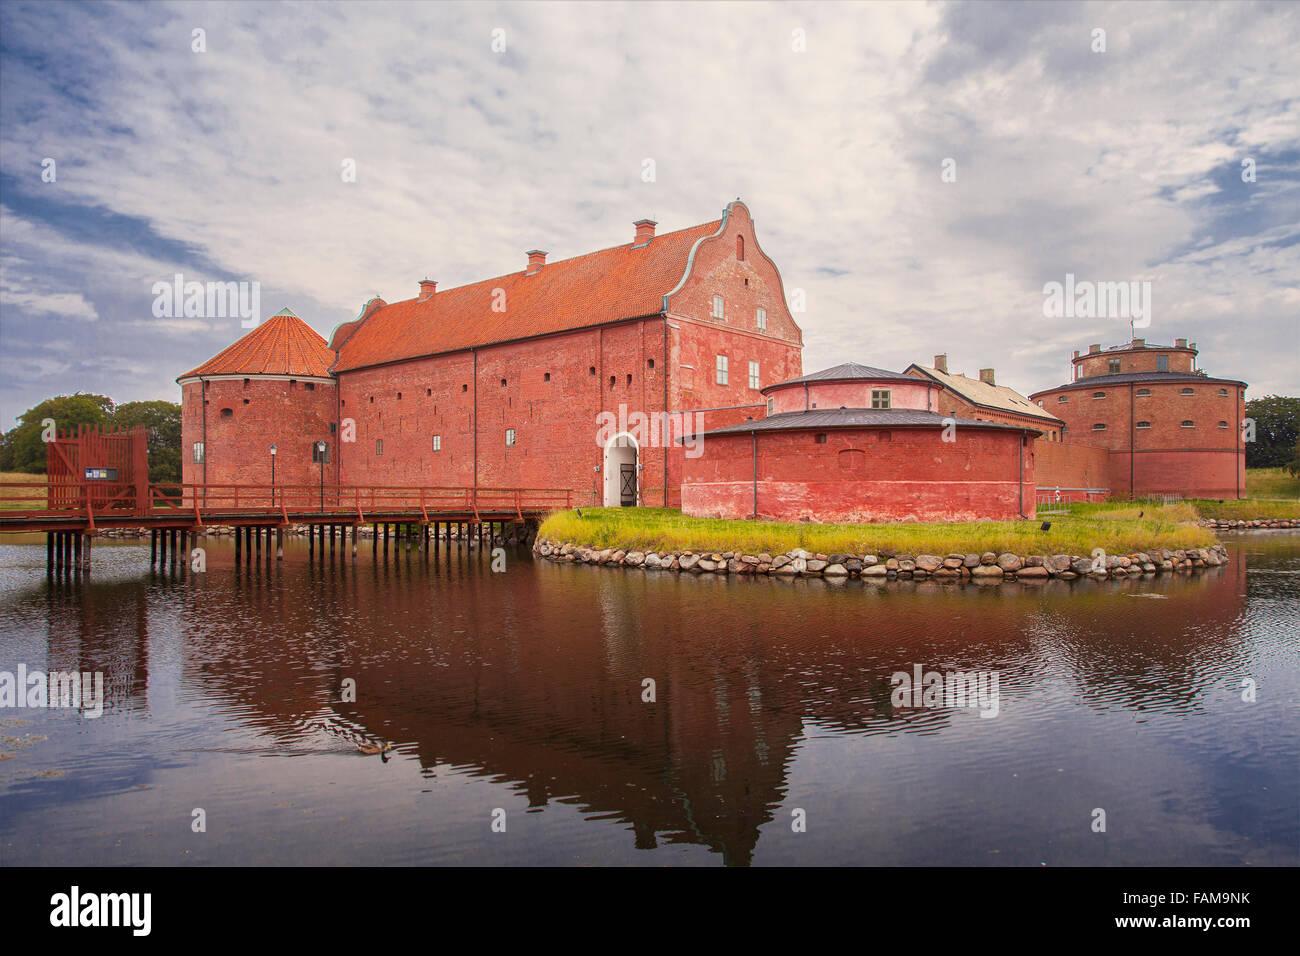 Image of Landskrona Citadel, old fort and prison in Landskrona, Sweden. Stock Photo